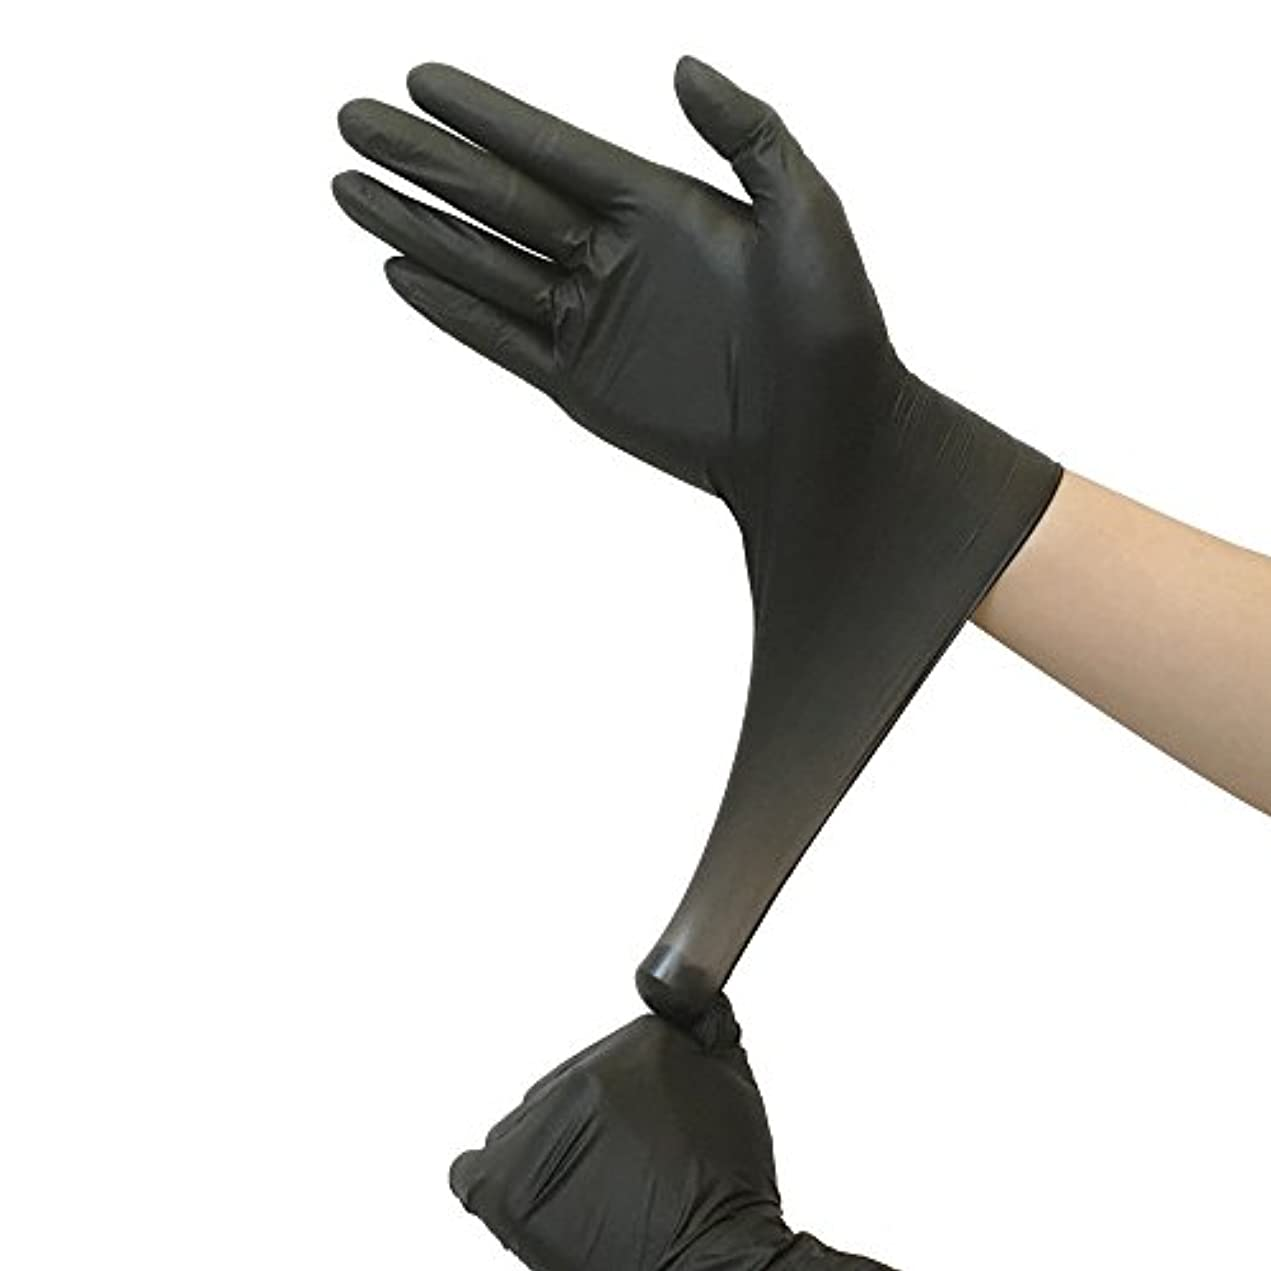 スズメバチ適応するパフニトリル手袋  使い捨て手袋 粉なし 100枚入 ブラック